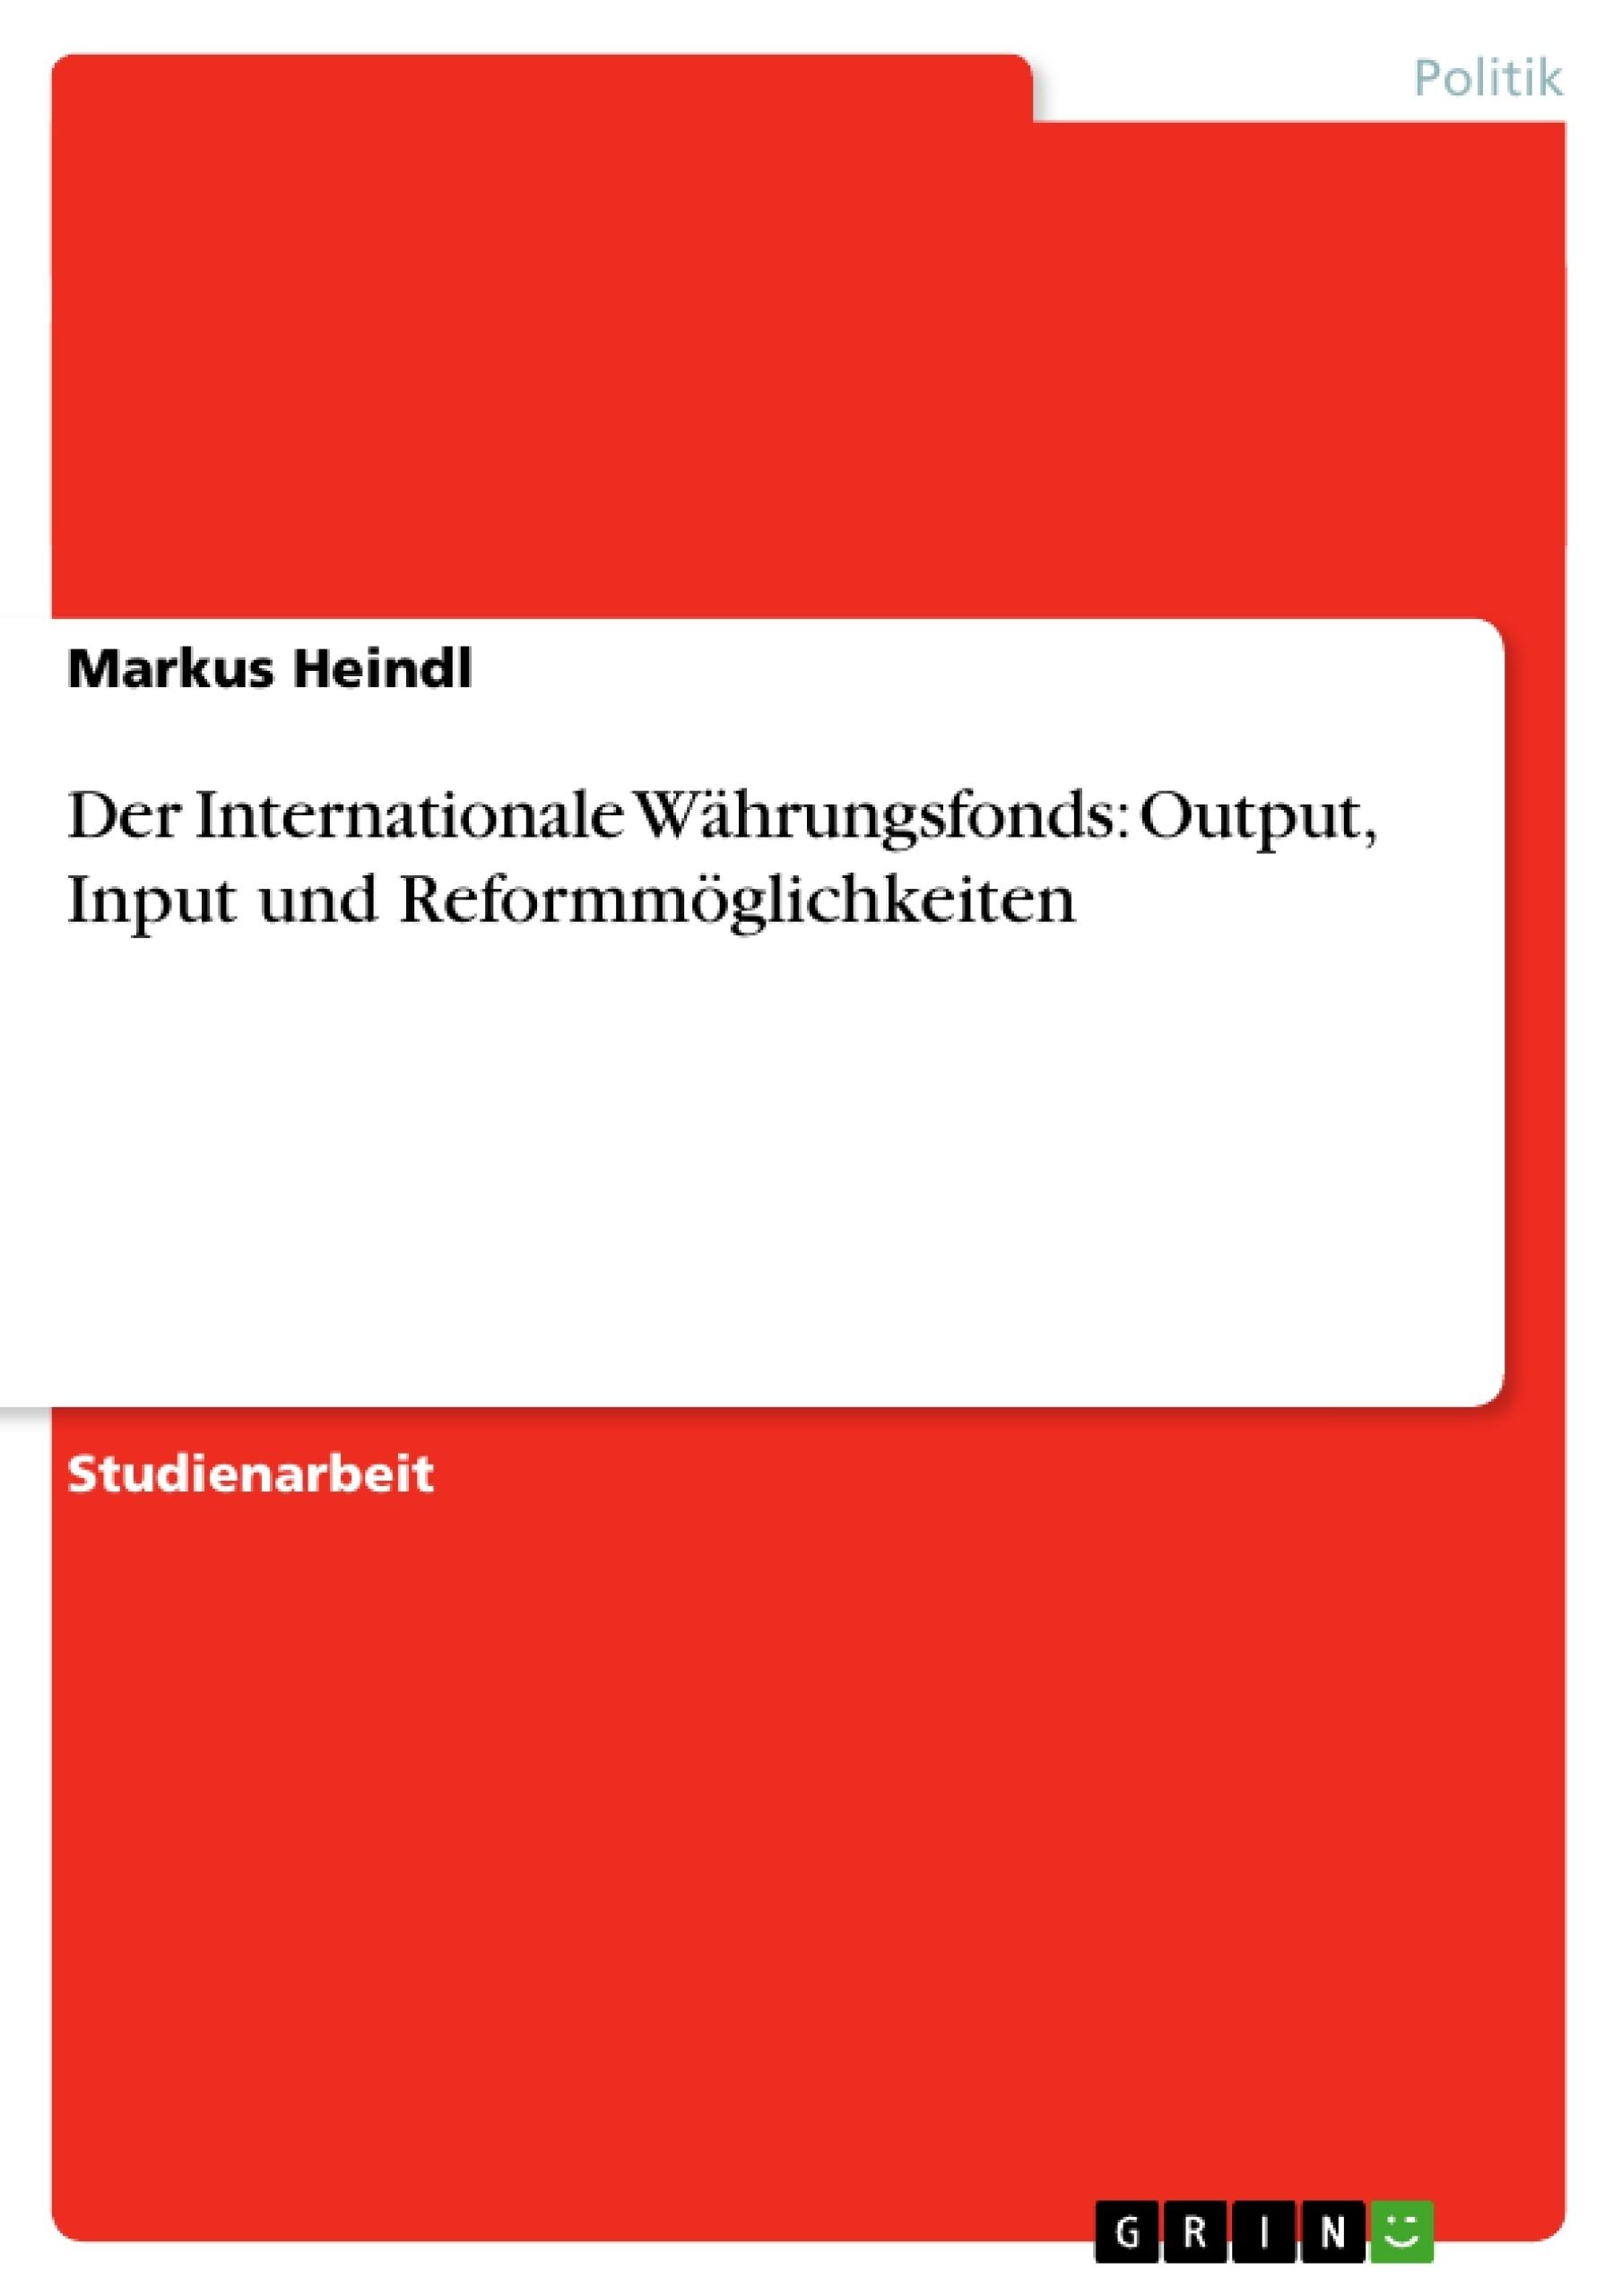 Titel: Der Internationale Währungsfonds: Output, Input und Reformmöglichkeiten